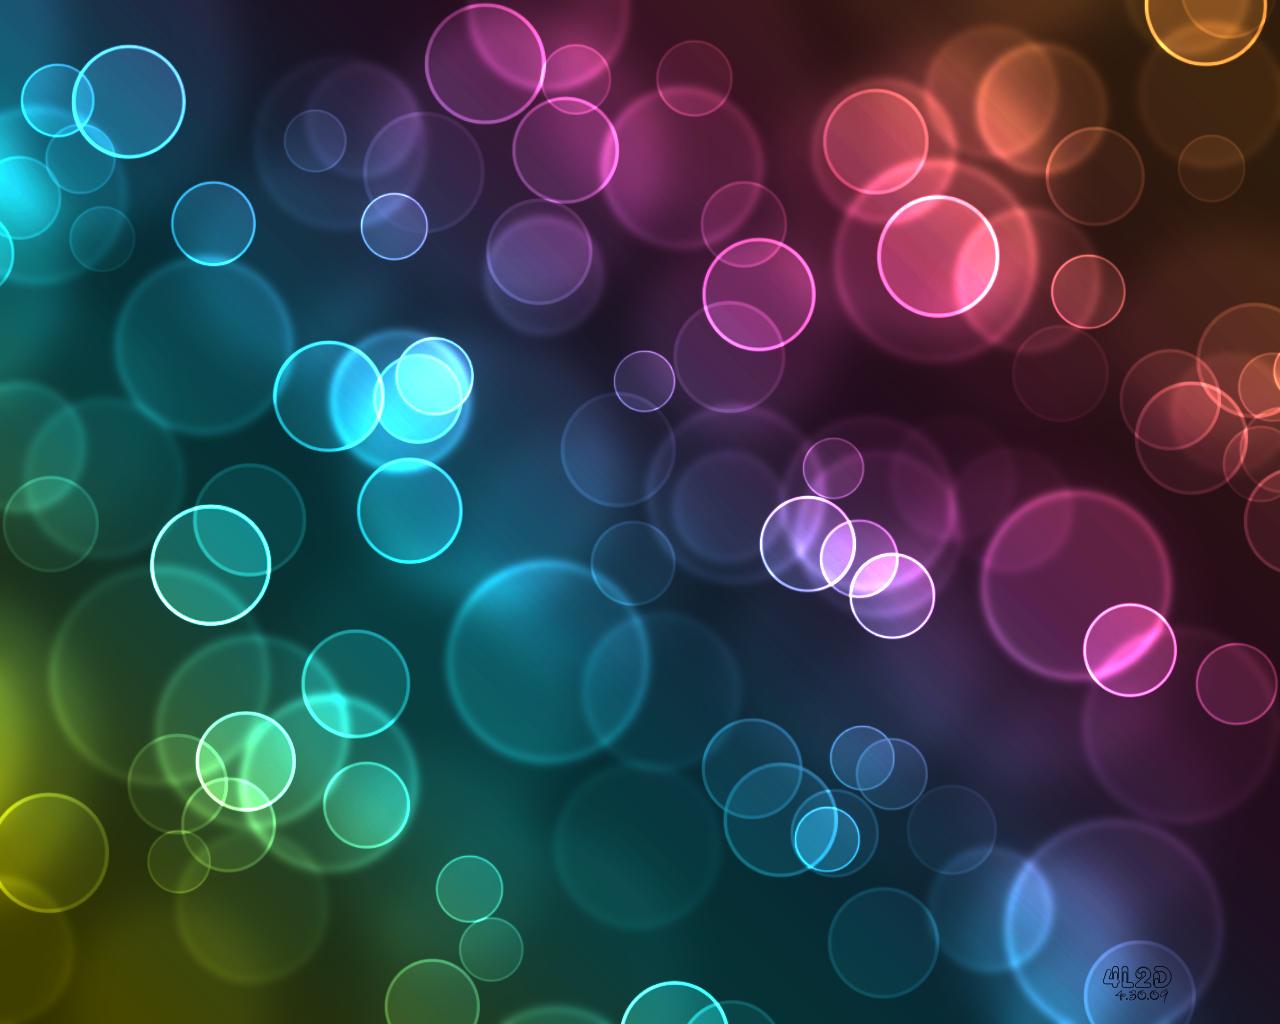 Bubble Wallpaper Desktop Background Bubbles Wallpaper Abstract Wallpaper Cool Wallpaper